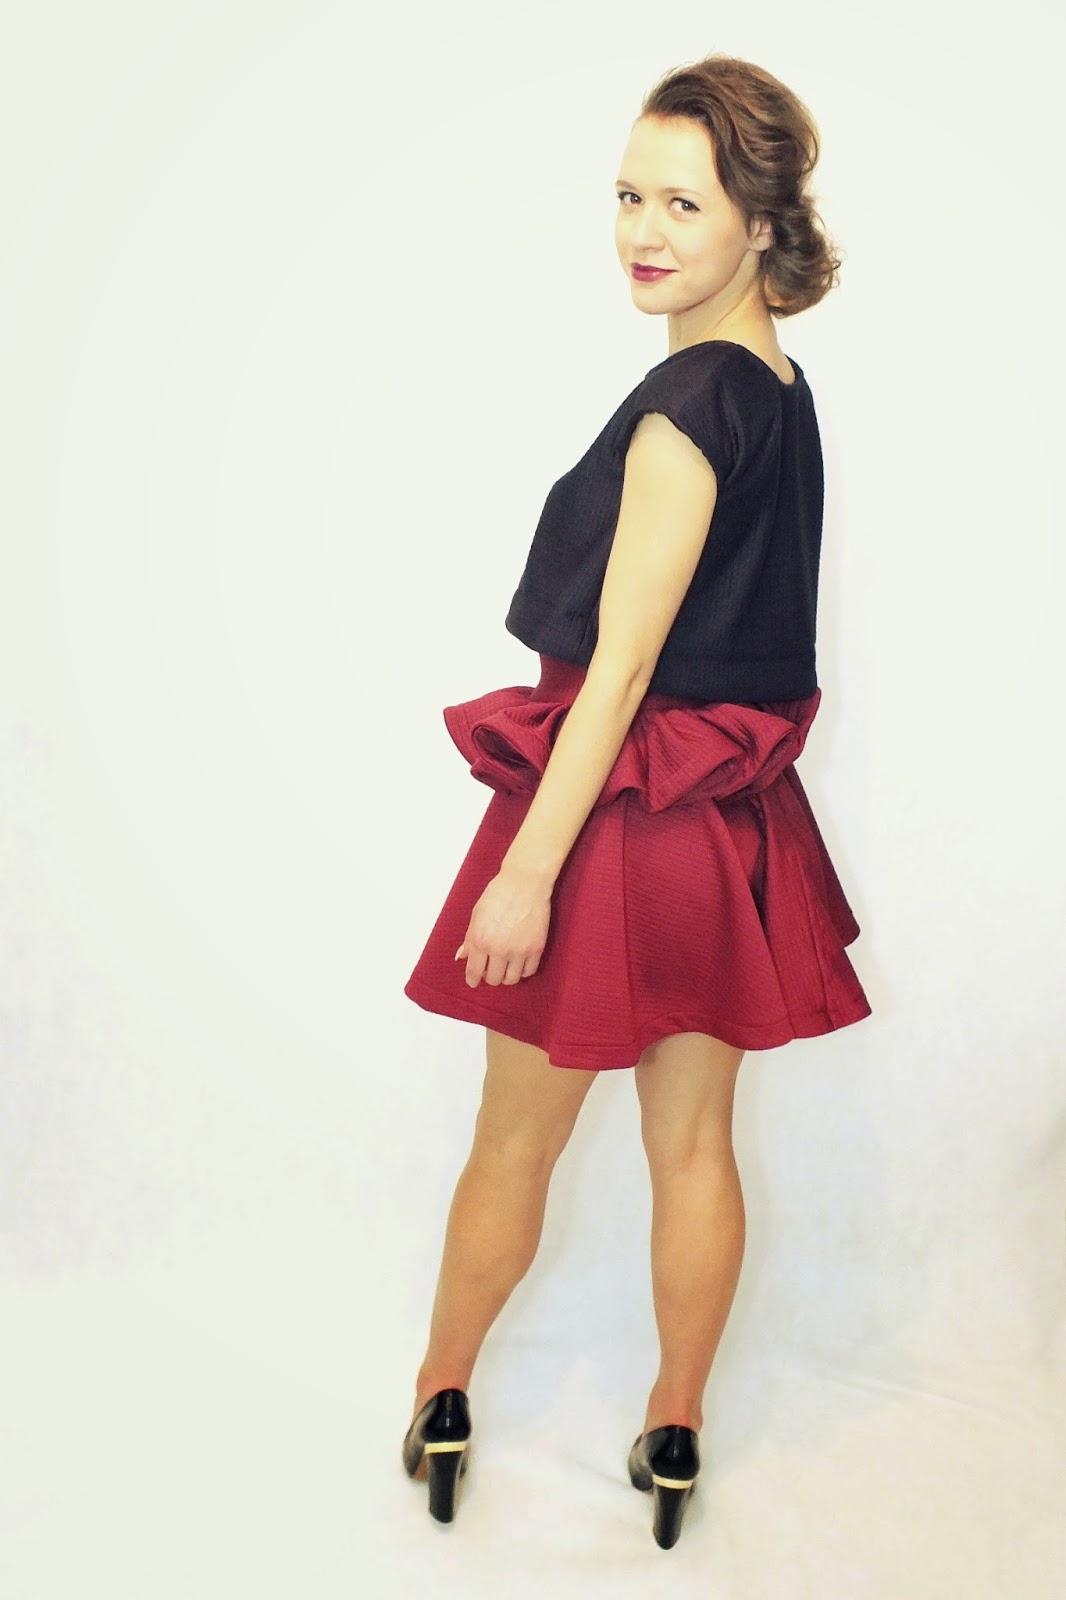 komplet, MARACHIC, spódnice od młodych projektantów, spódnica, mocno rozkloszowana spódnica, spódnica z falbanką, krótki top, odważny zestaw, rozkloszowana spódnica